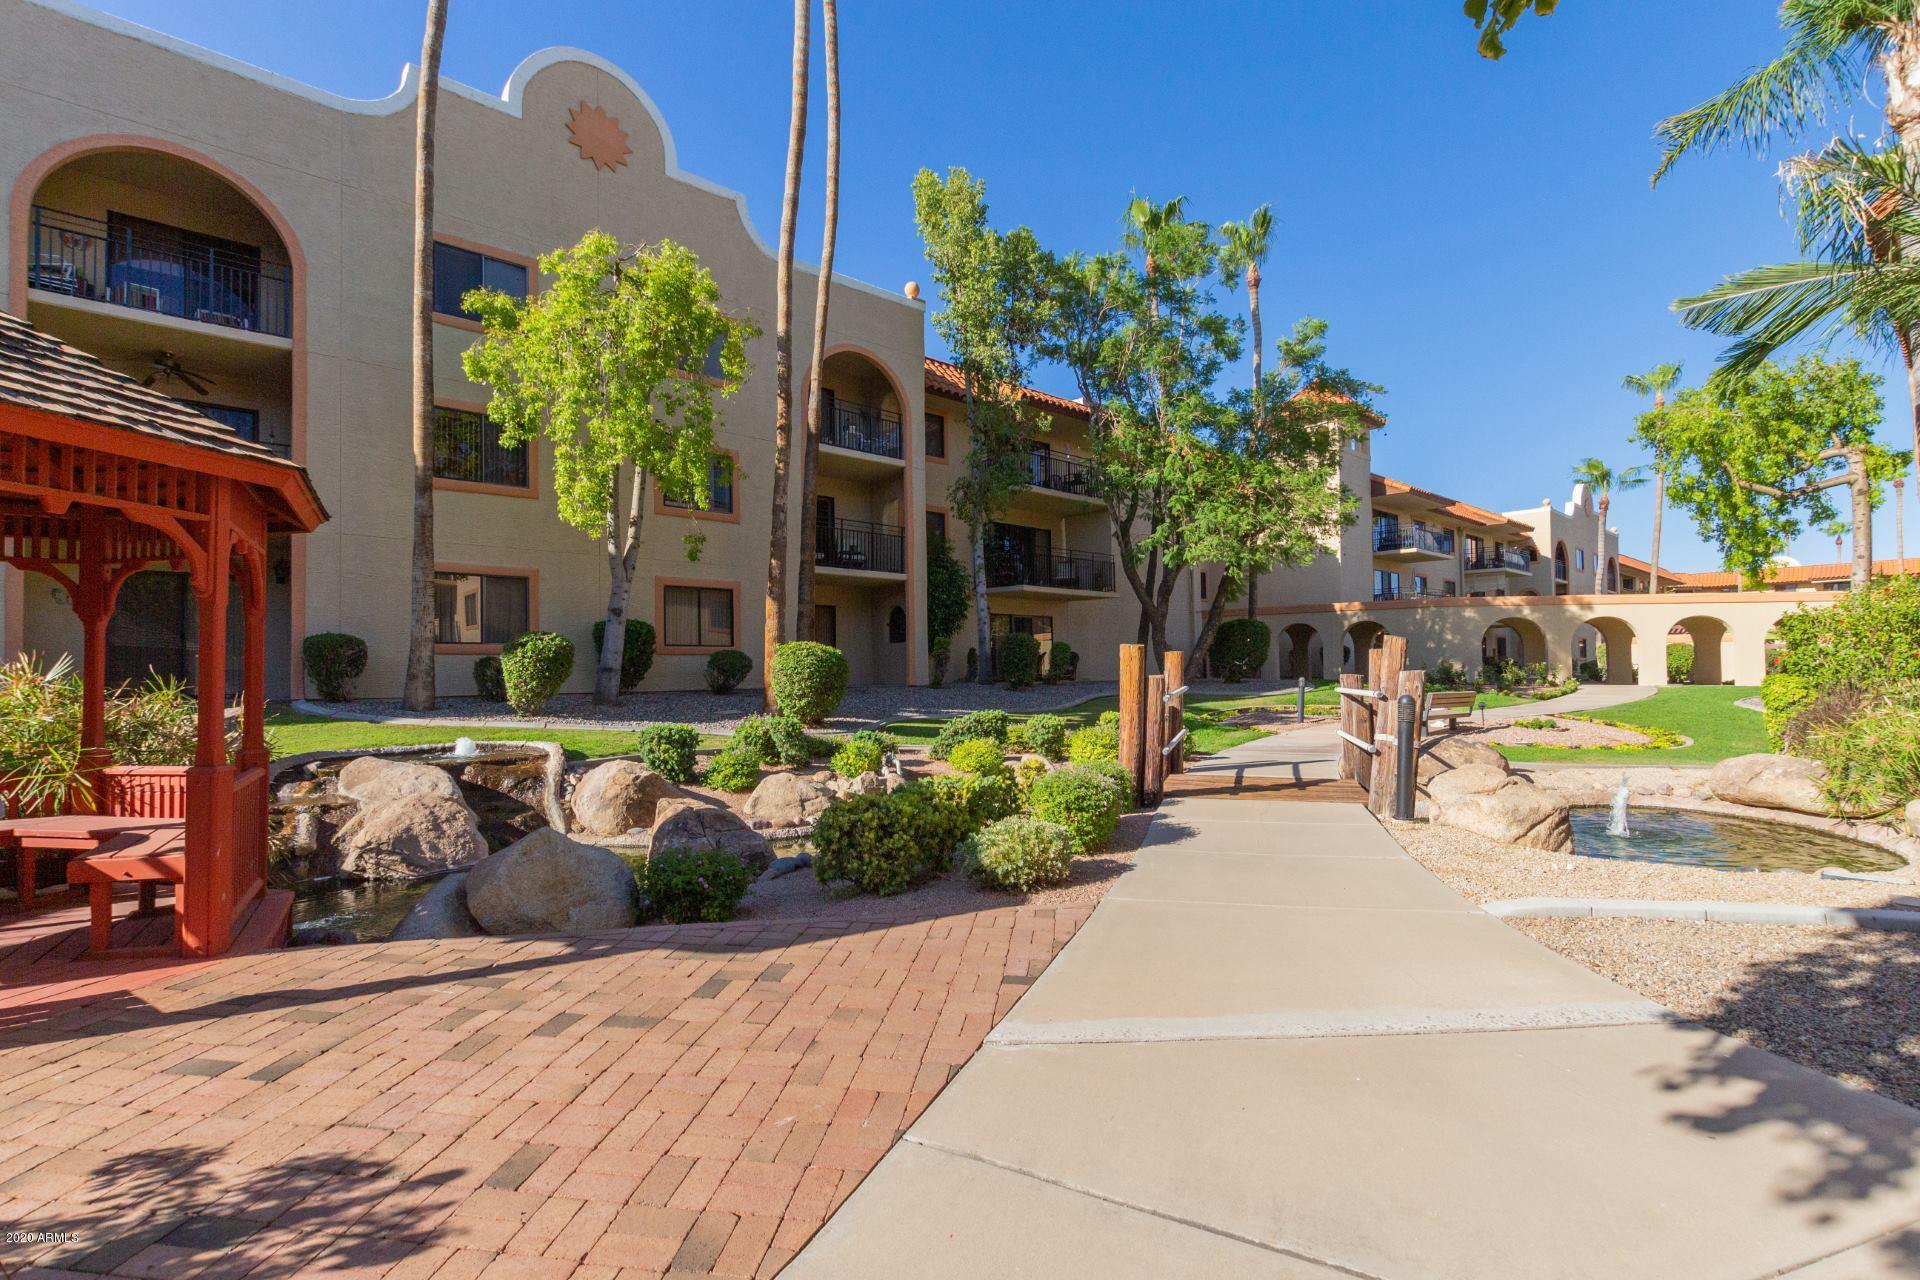 MLS 6097833 10330 W THUNDERBIRD Boulevard Unit A217, Sun City, AZ 85351 Sun City AZ Affordable